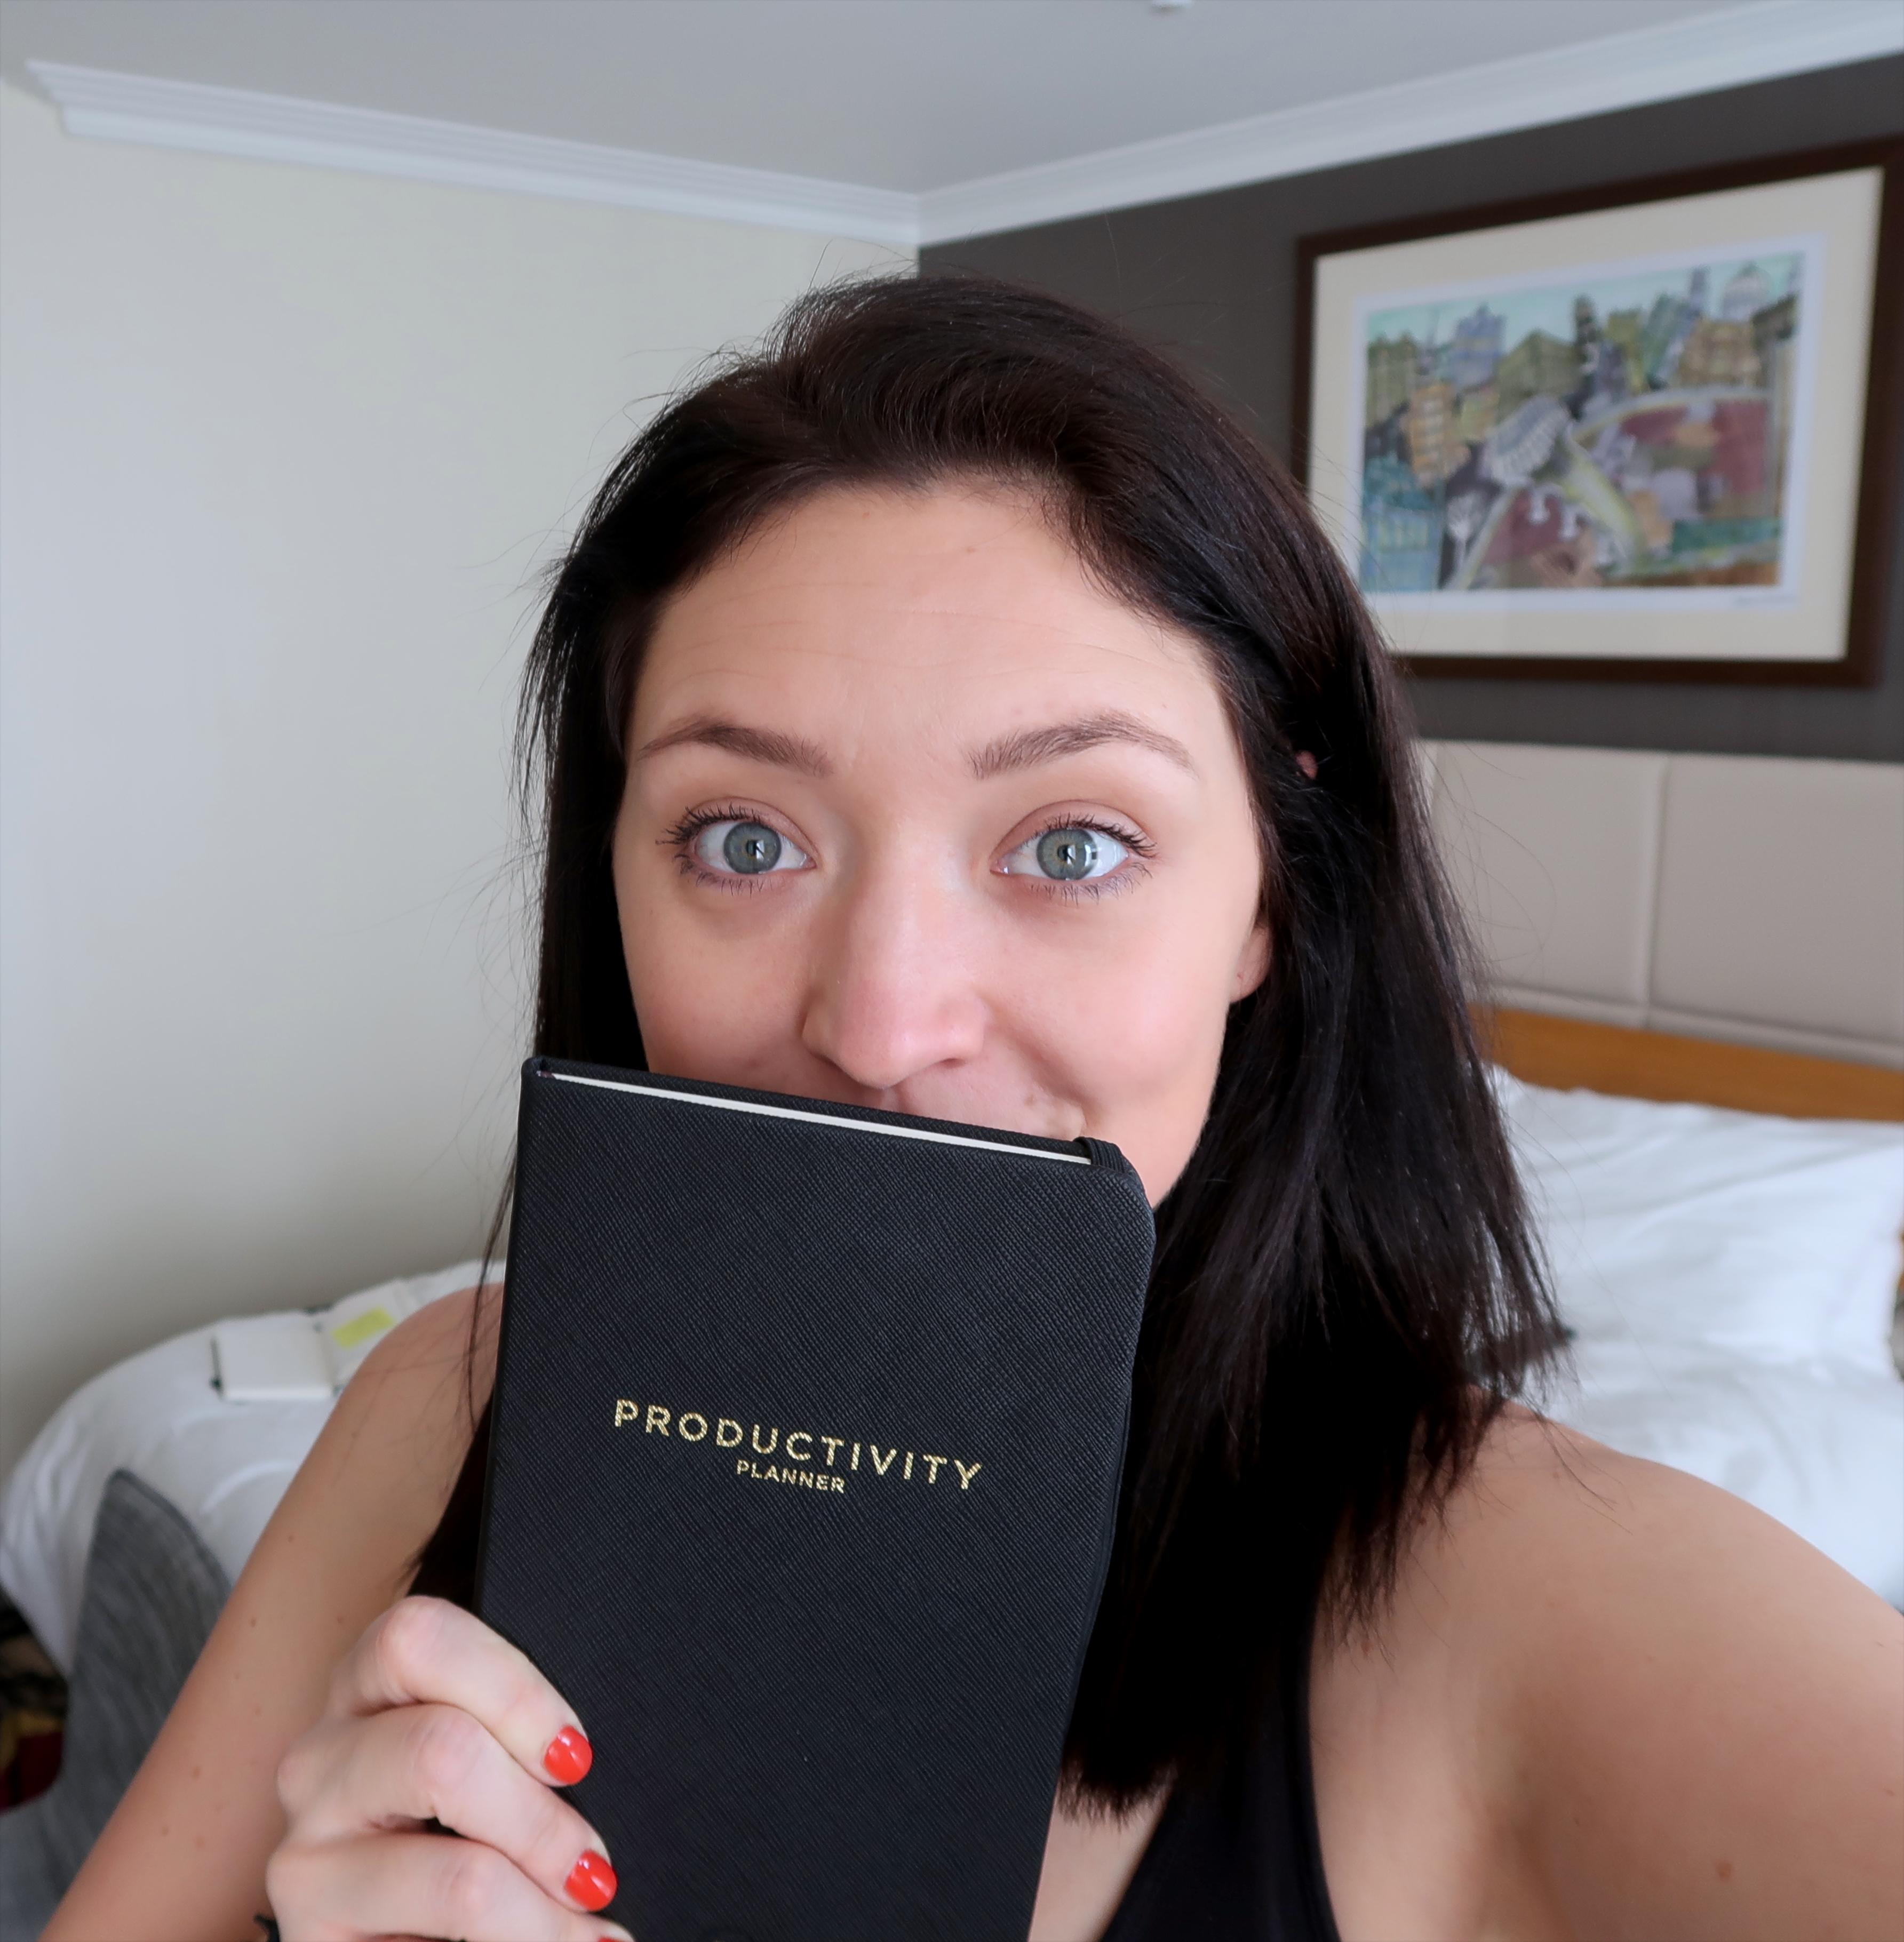 Productivity Planner - StefanieGrace.com